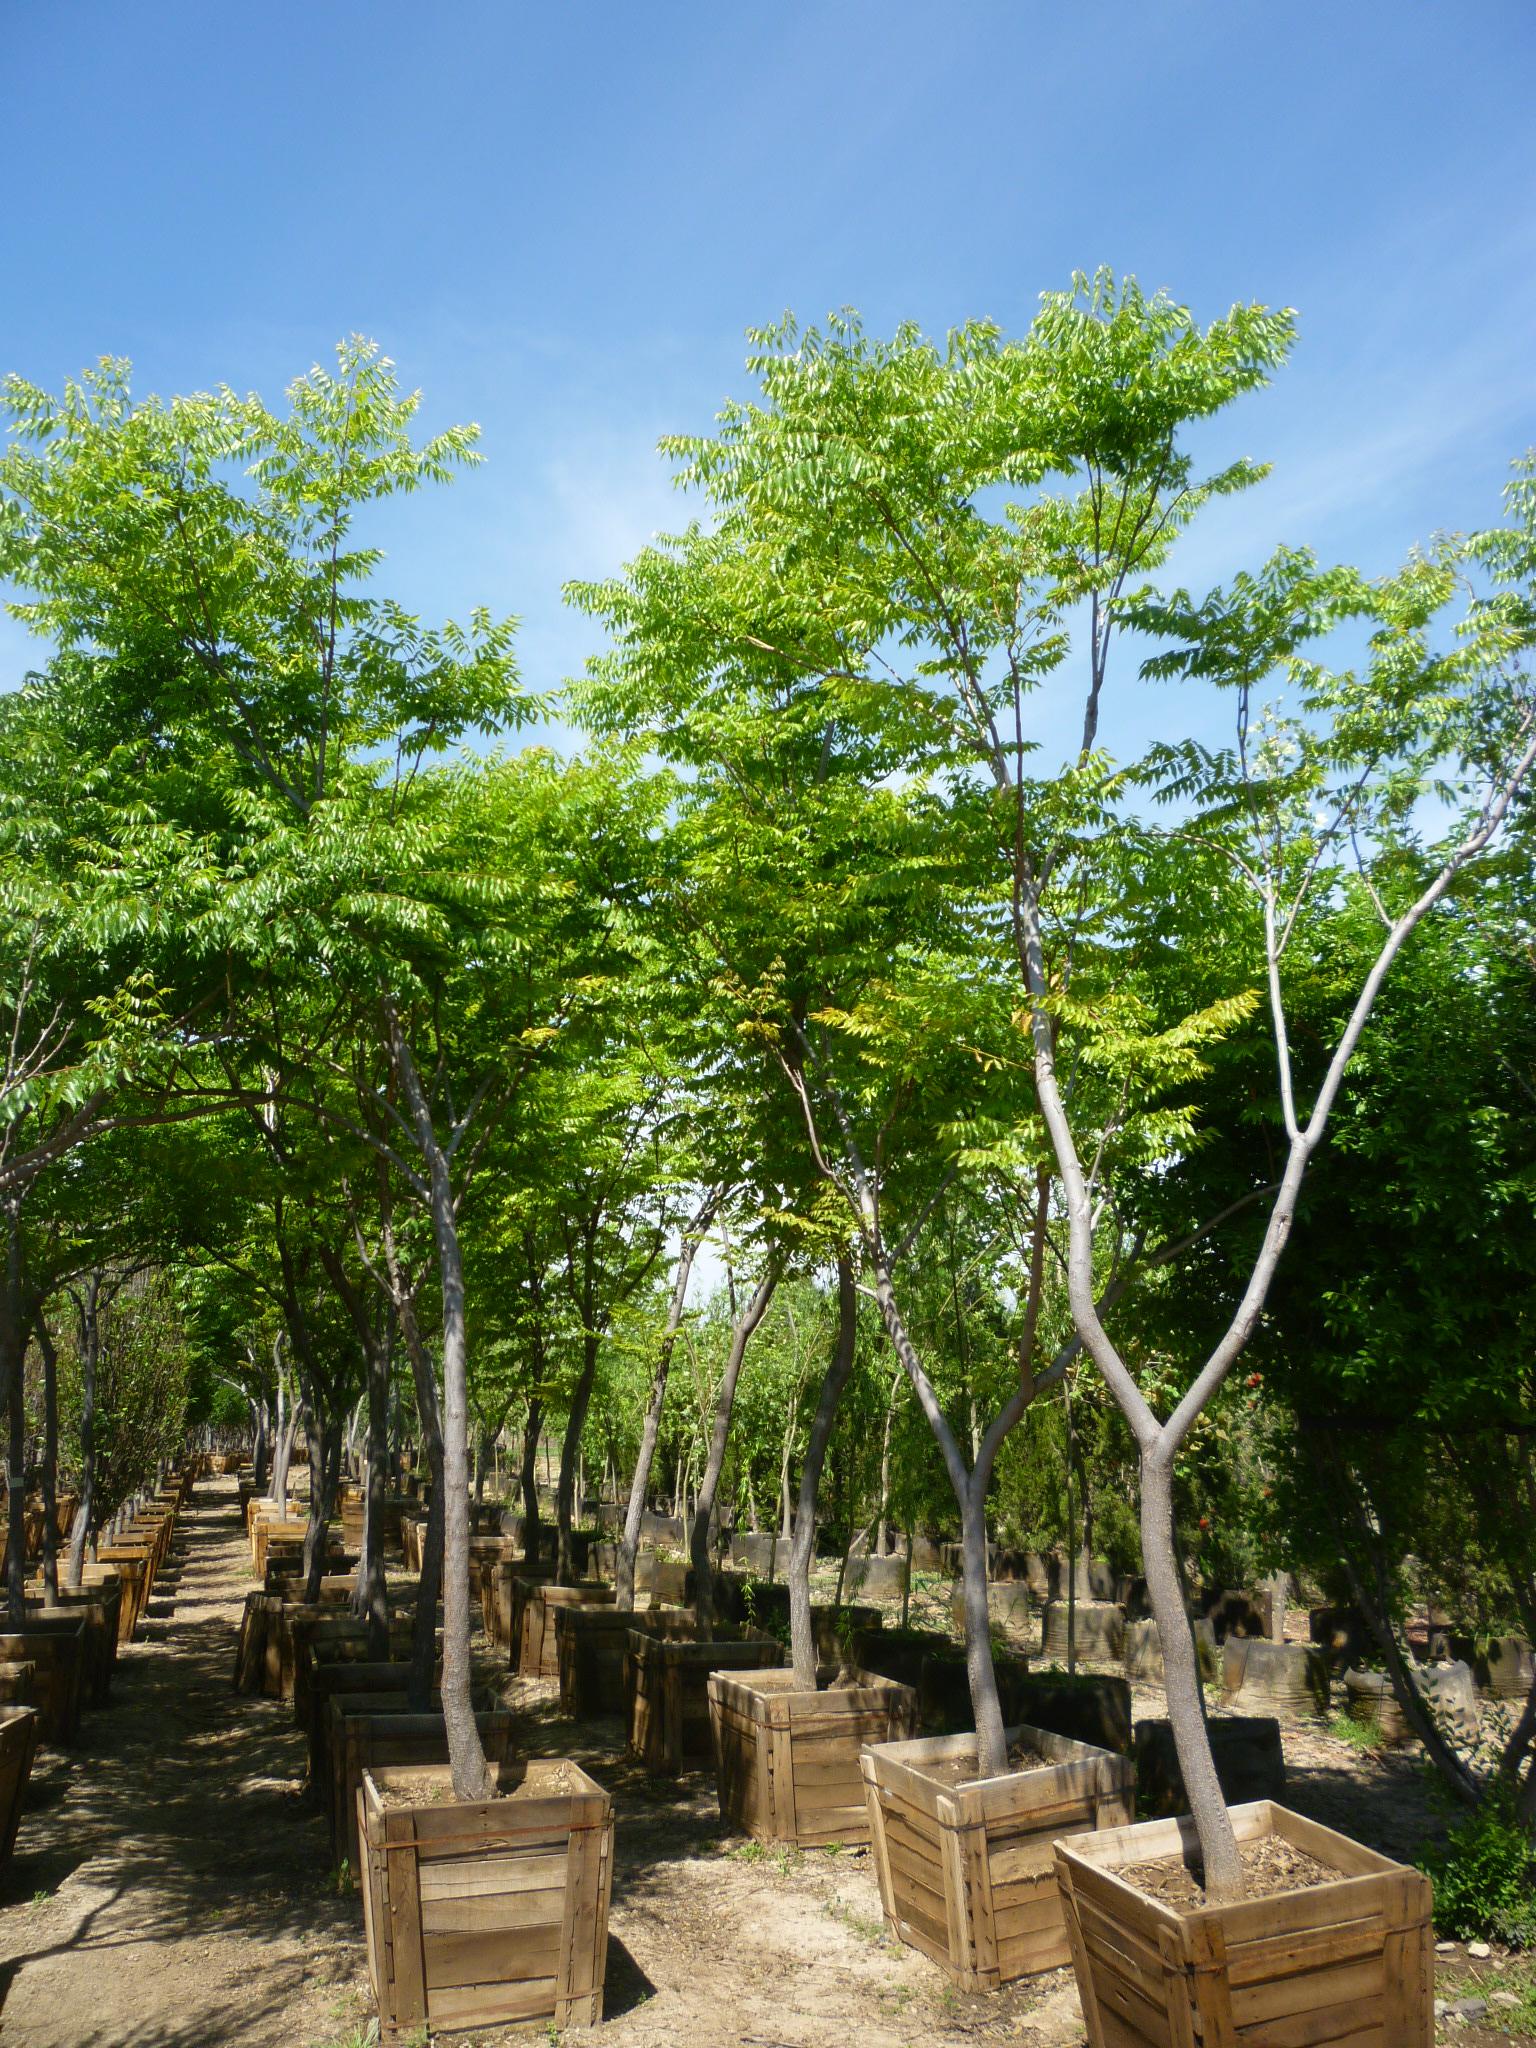 Productos viveros productores de guanajuato vpg for Caracteristicas del vivero